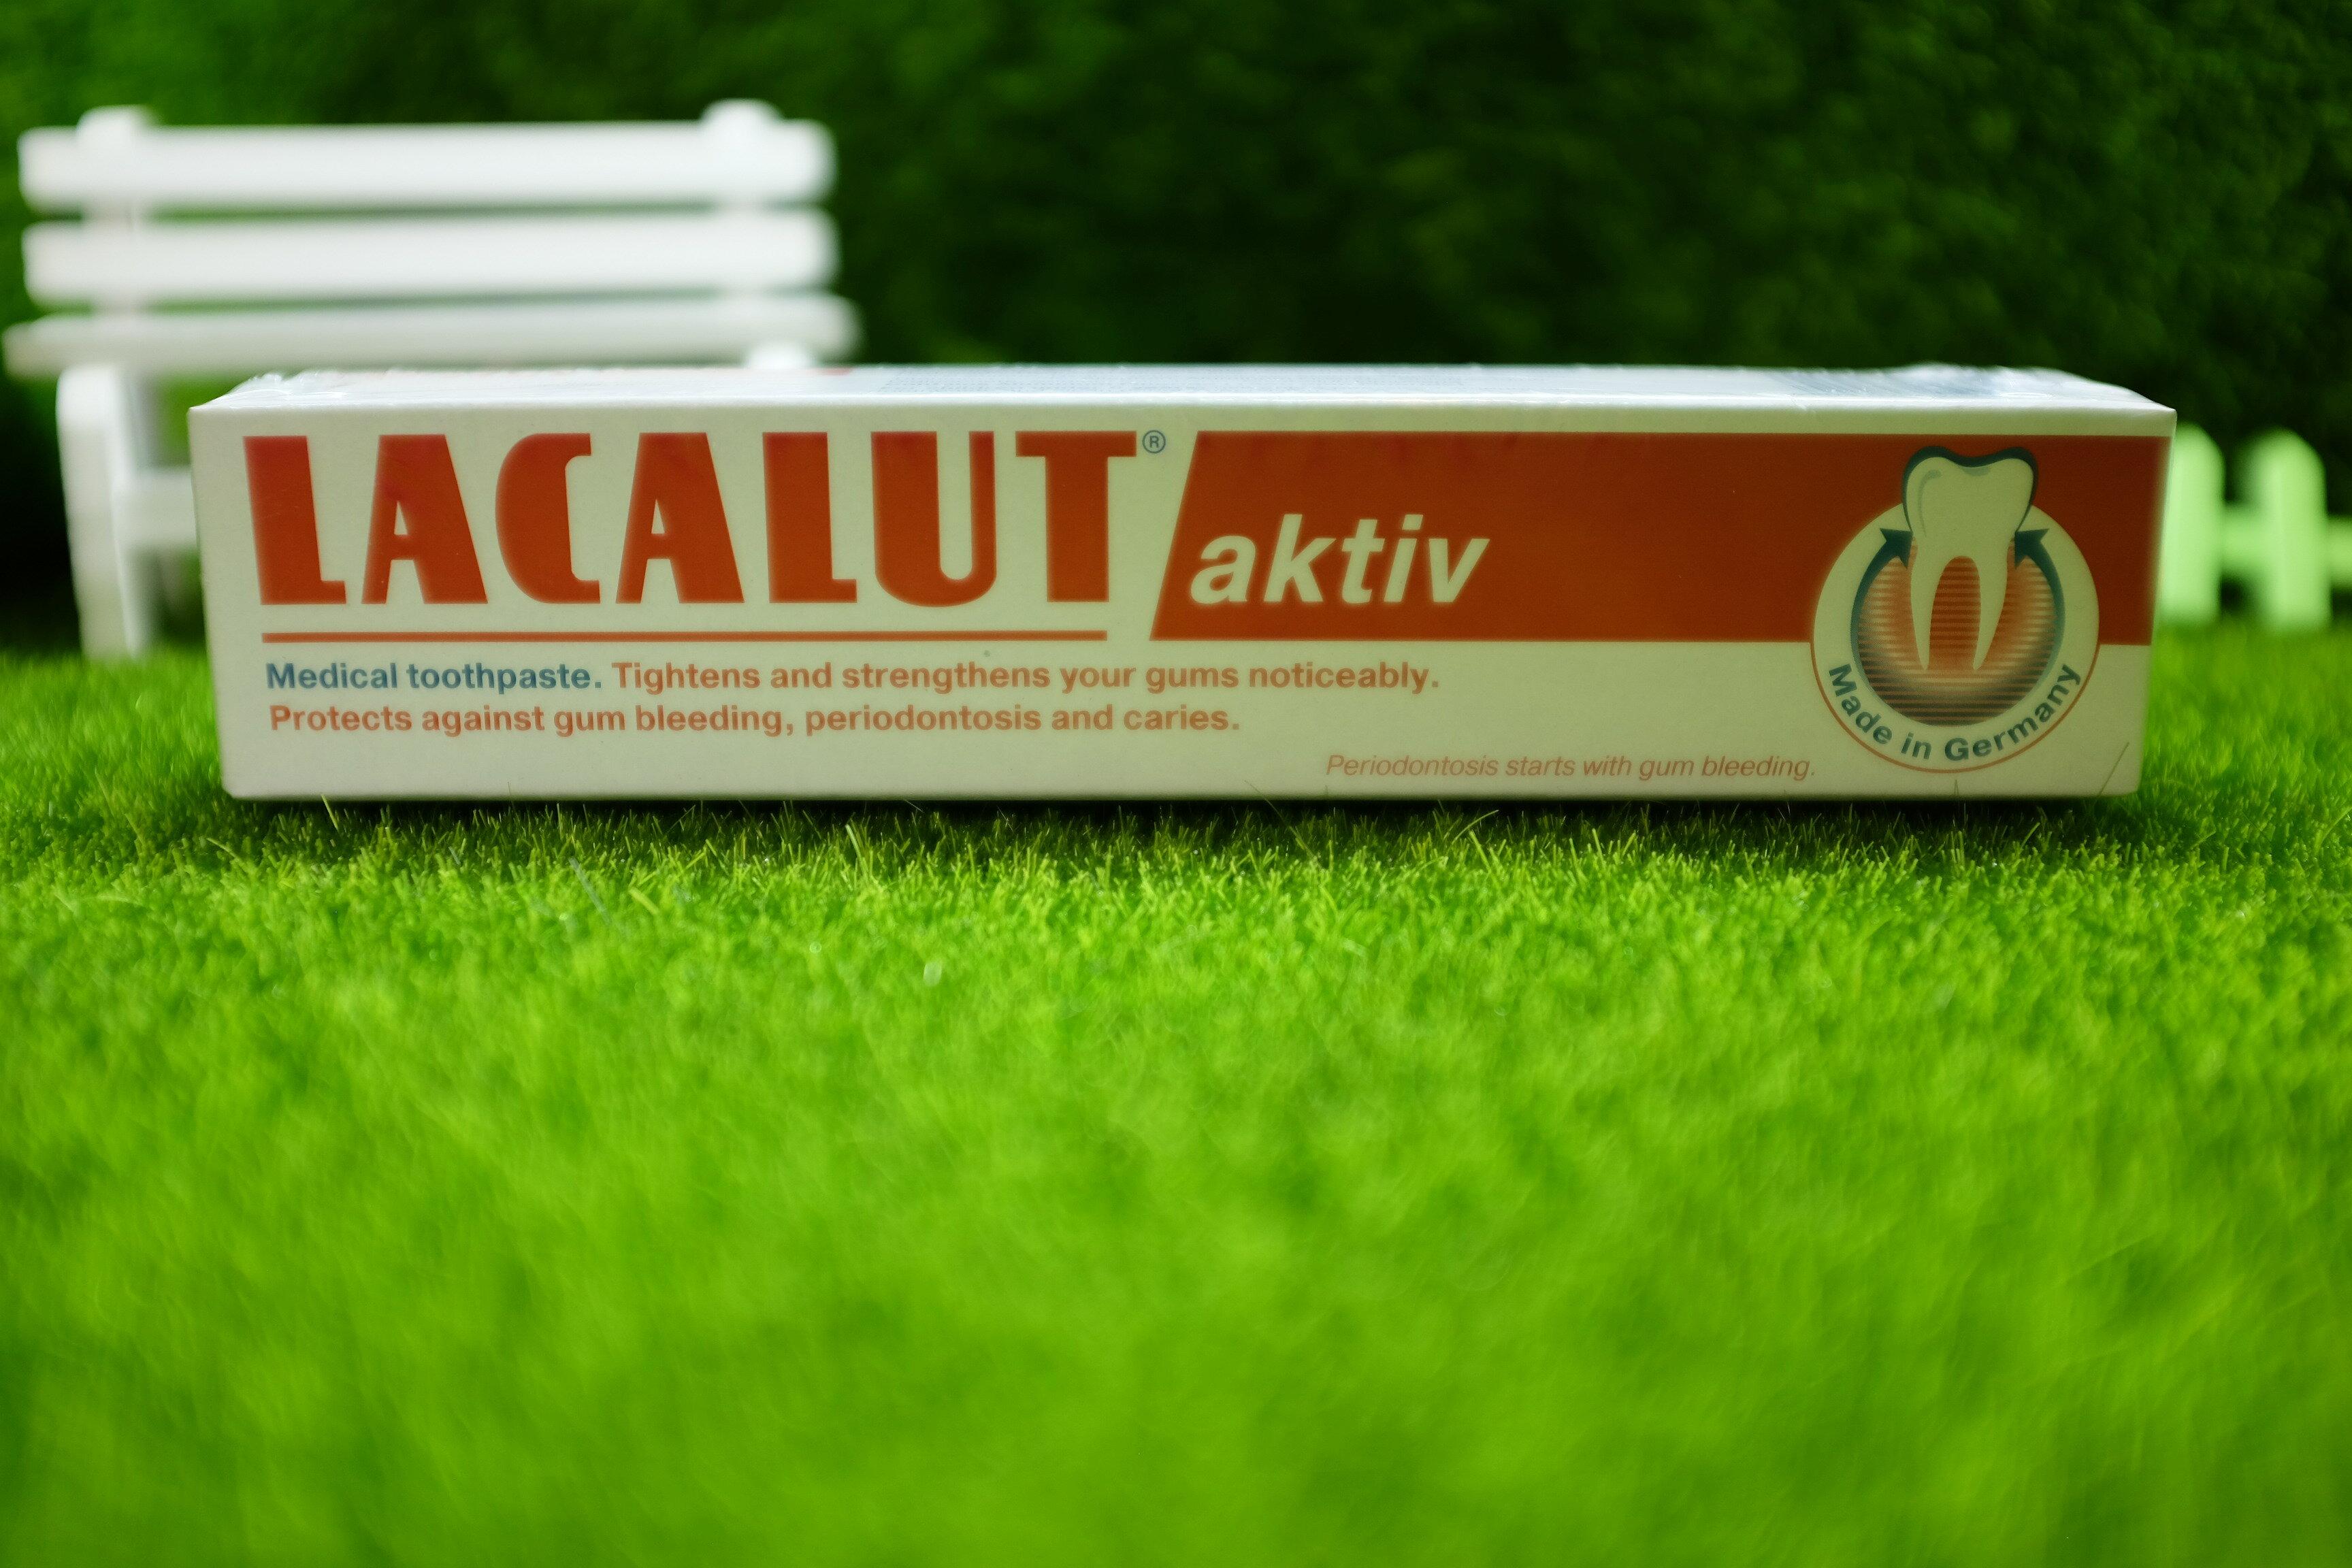 樂固特 牙齦強化牙膏 90g#LACALUT